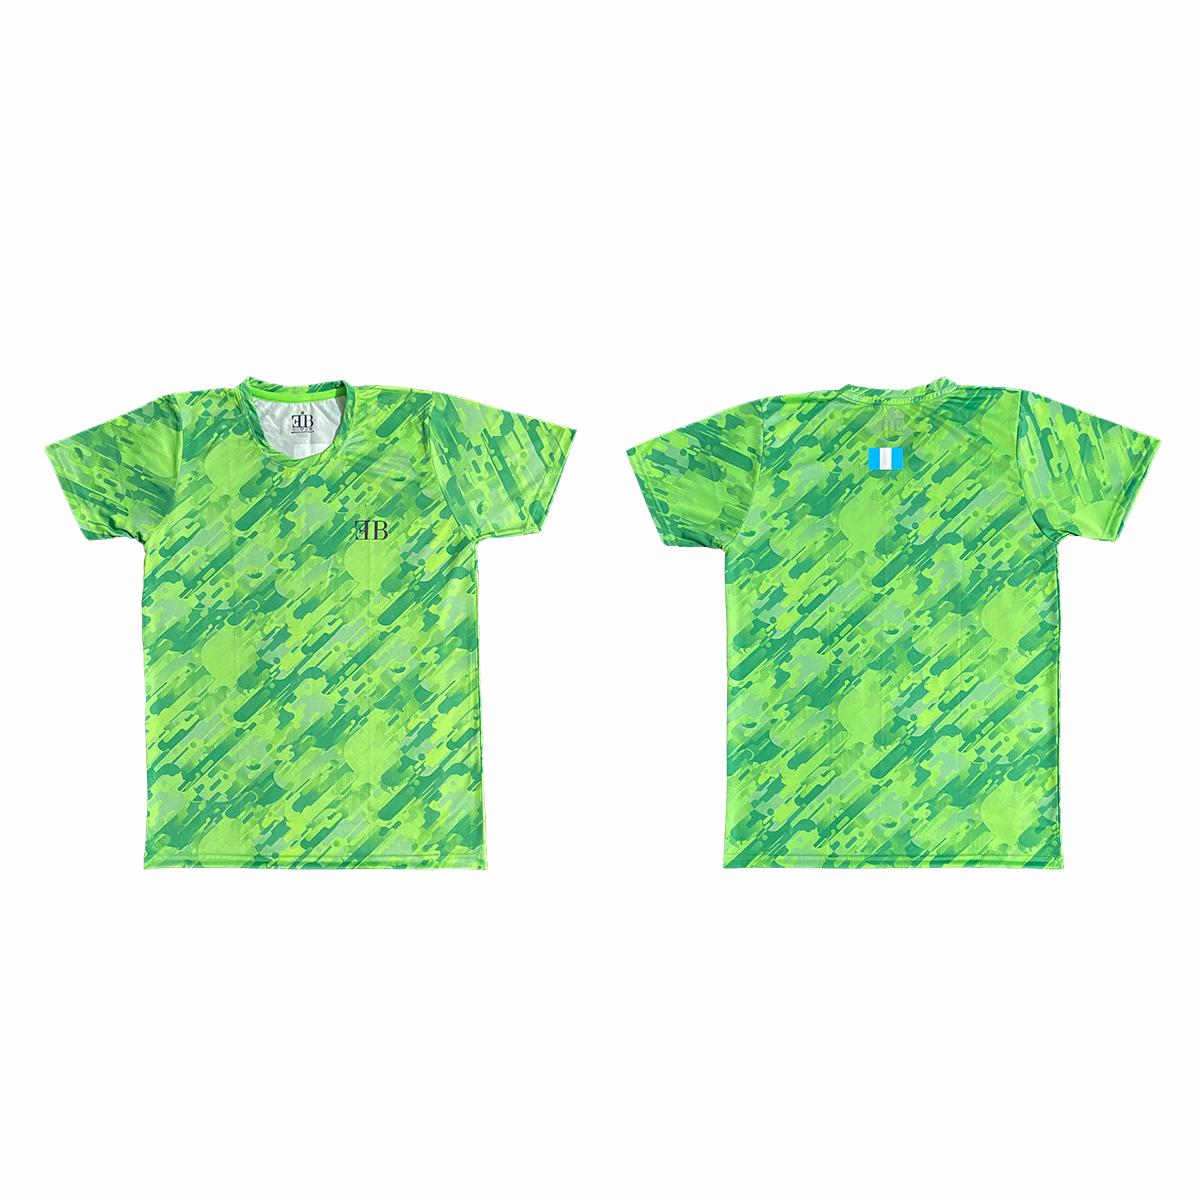 EB Green